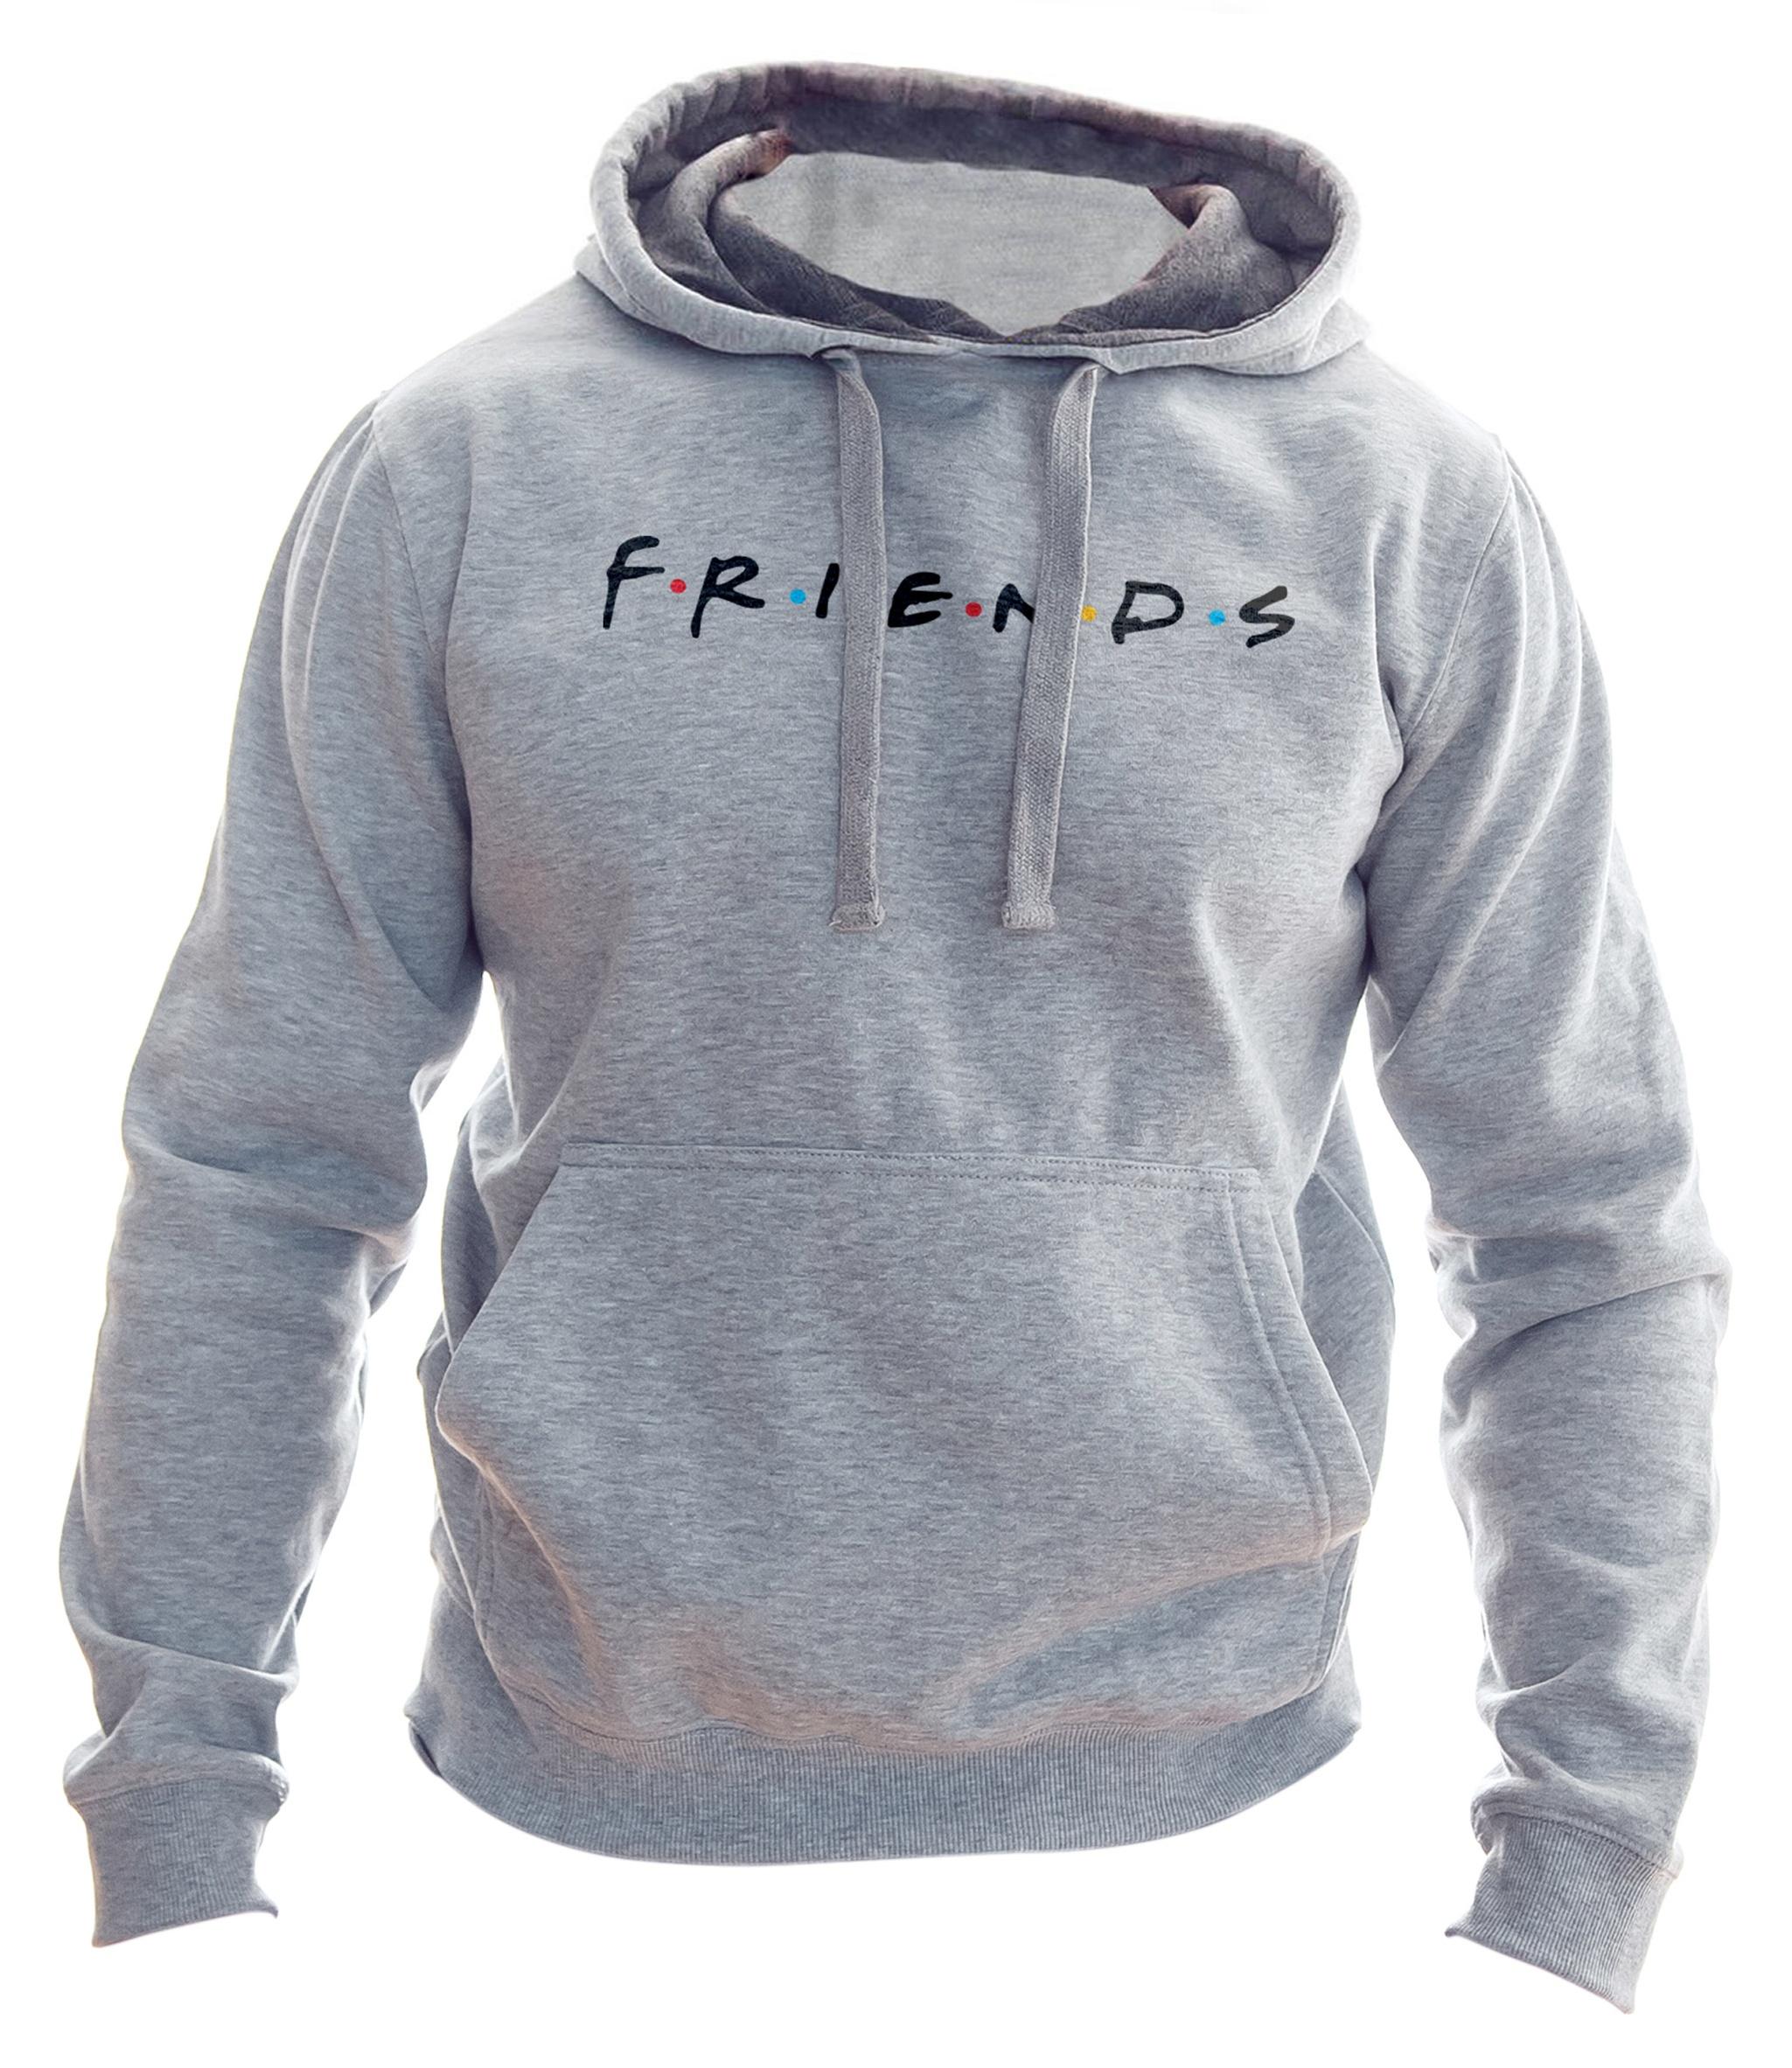 خرید                     هودی مردانه به رسم طرح دوستان کد 187